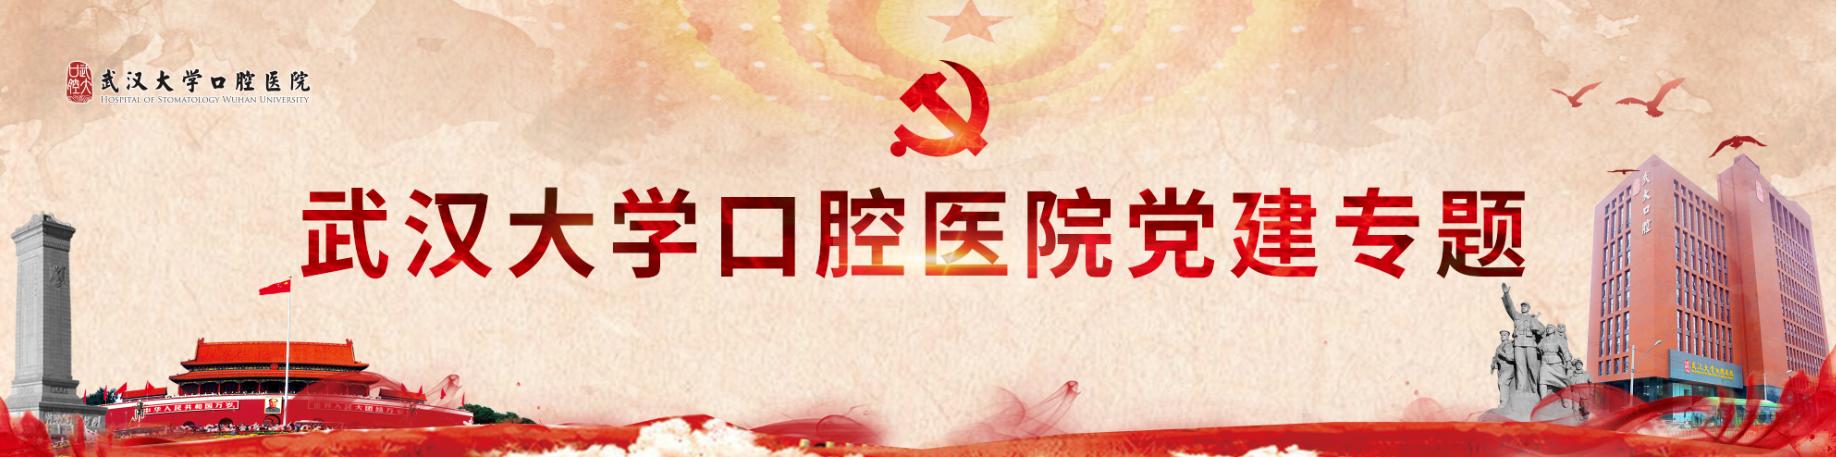 武汉大学口腔医院党建专题